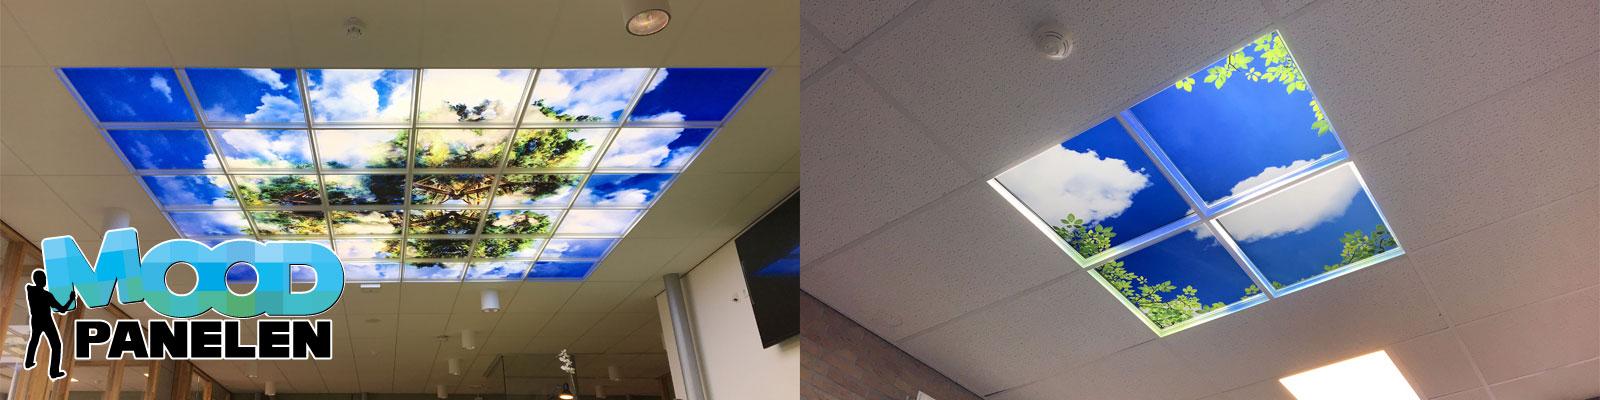 Creëer uw eigen wolkenplafond met onze moodpanelen.